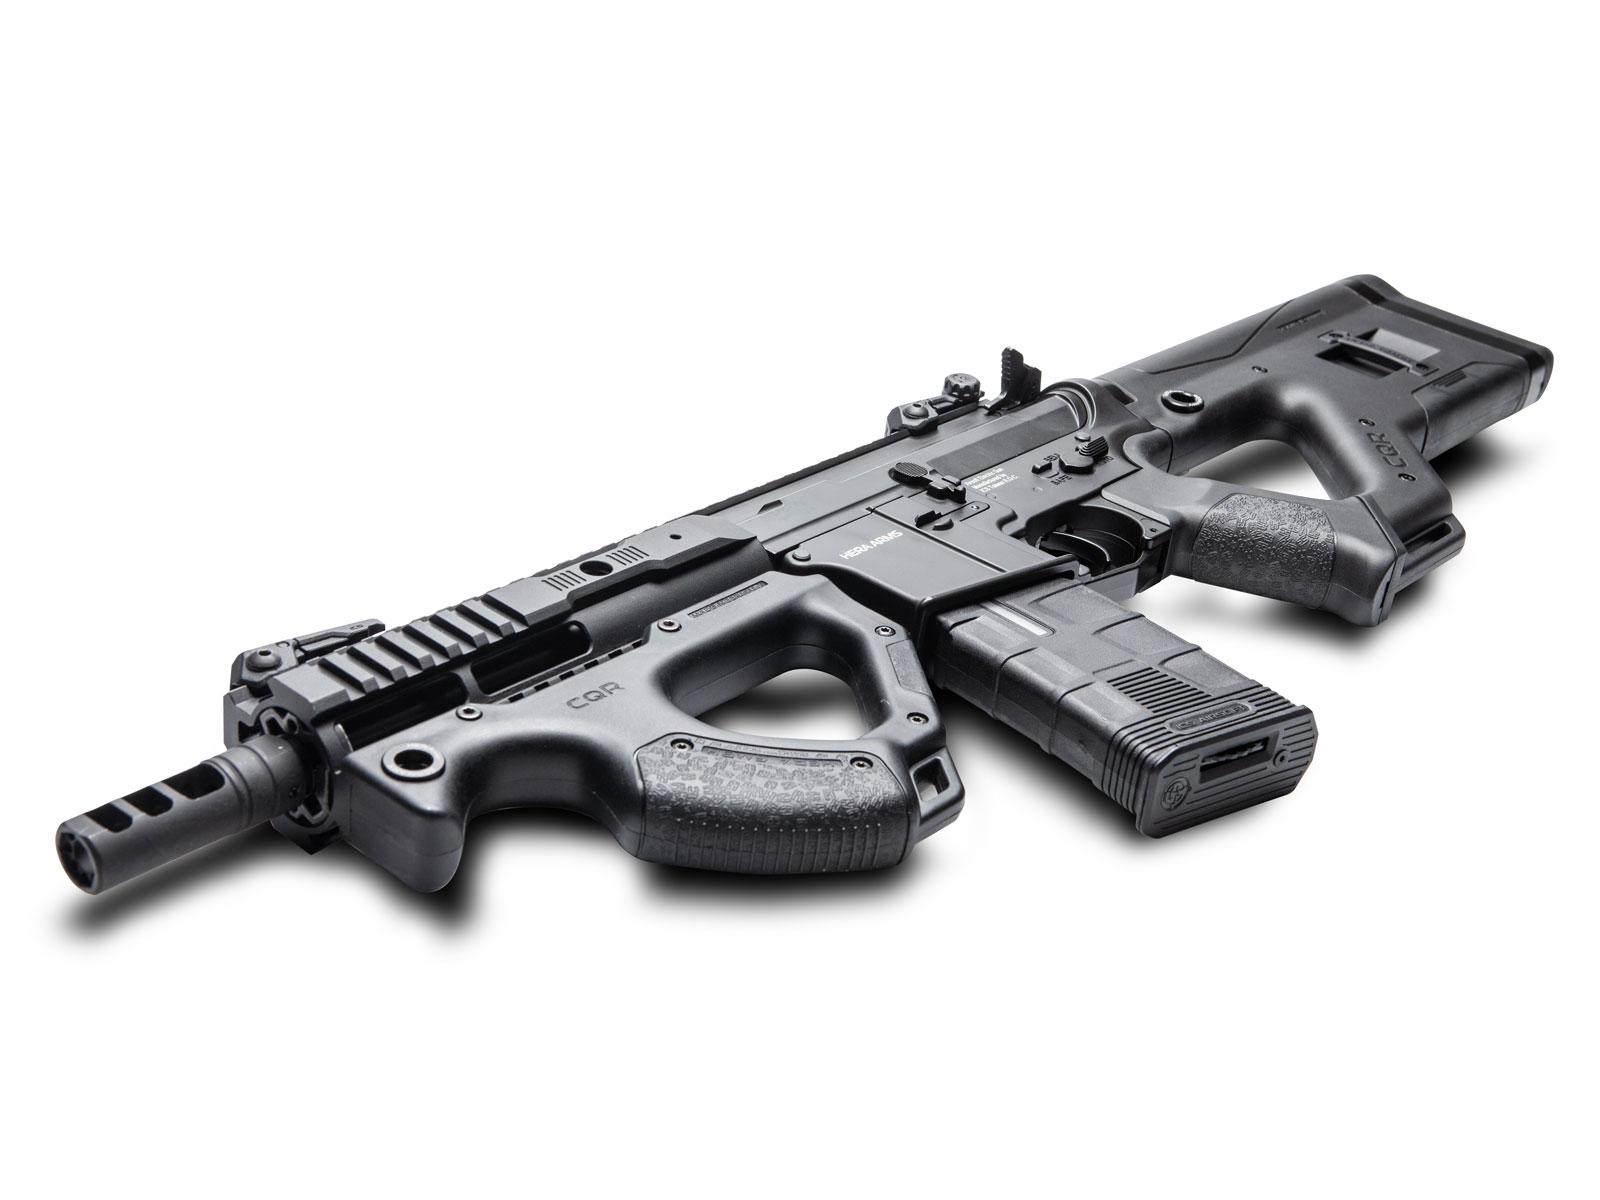 Hera Arms Cqr